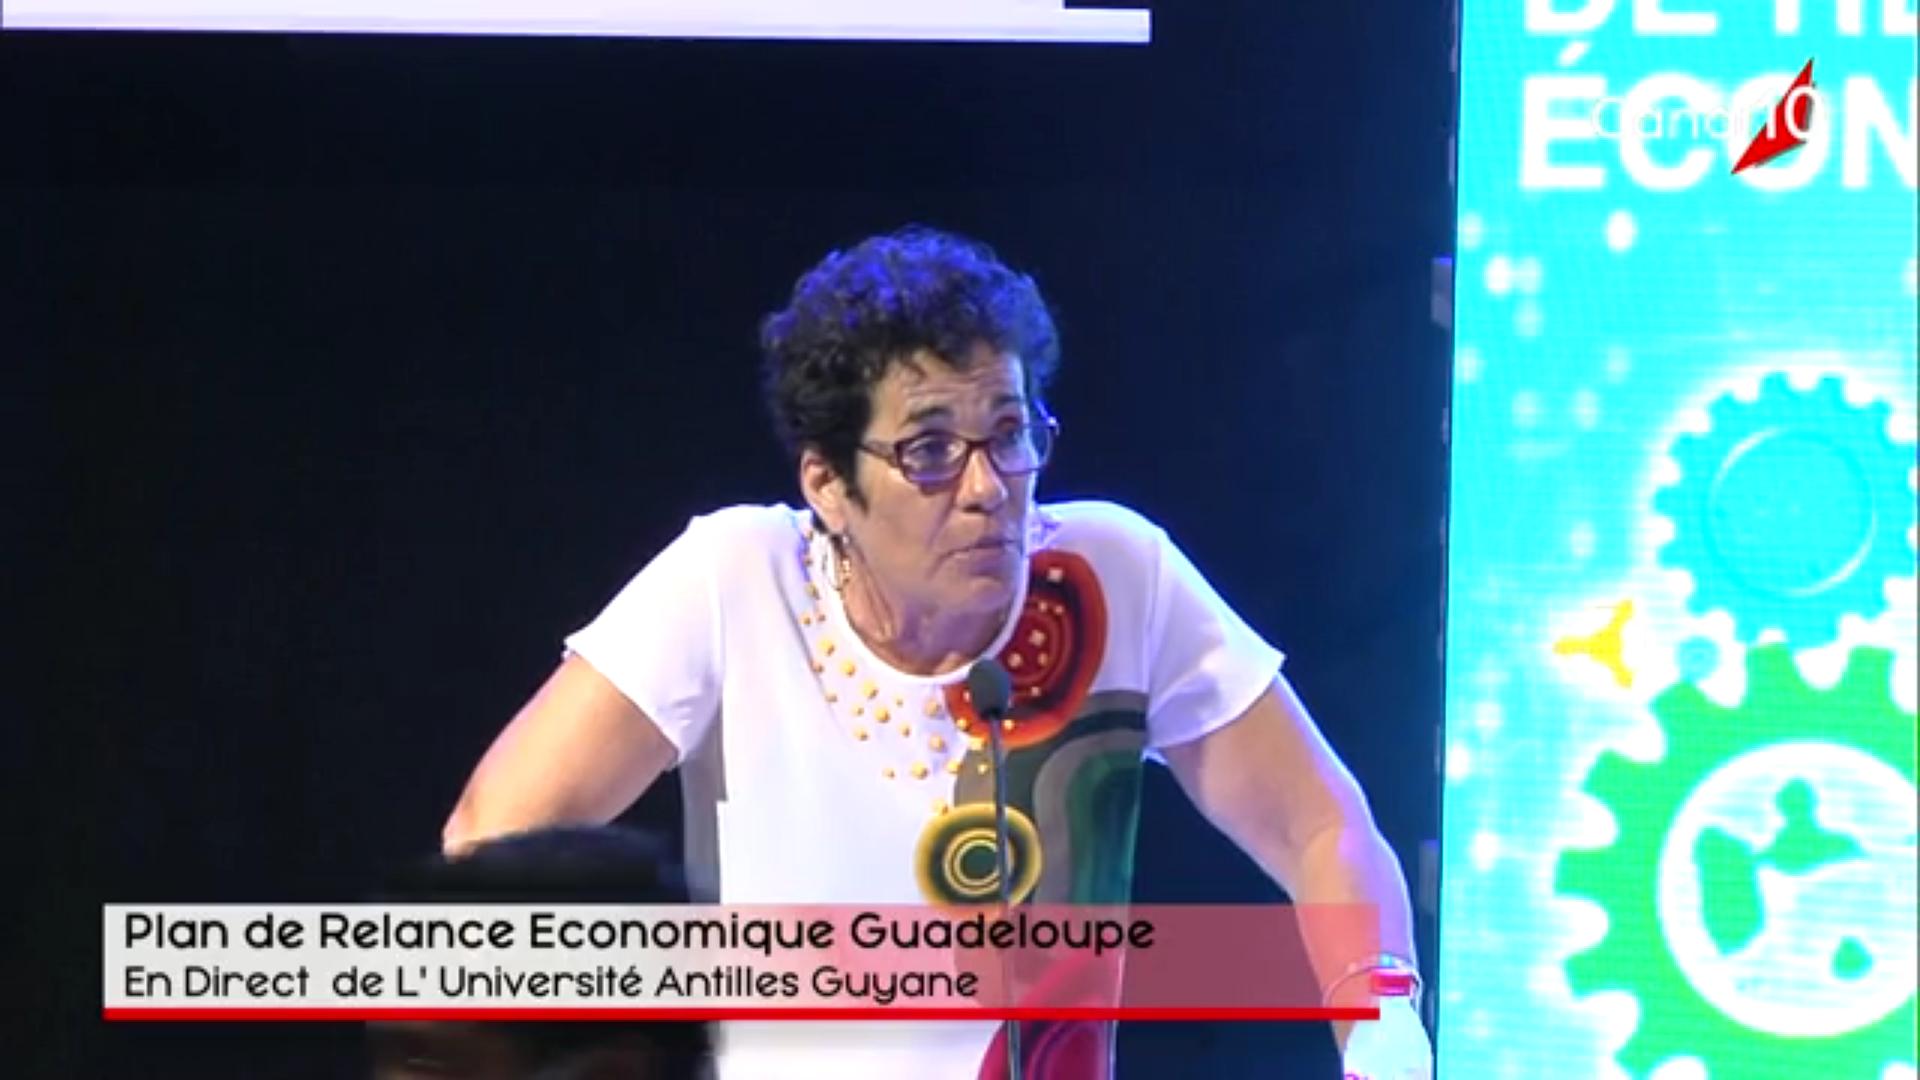 [Vidéo] Onews Guadeloupe.Journée Plan de realance économique.(Canal 10)